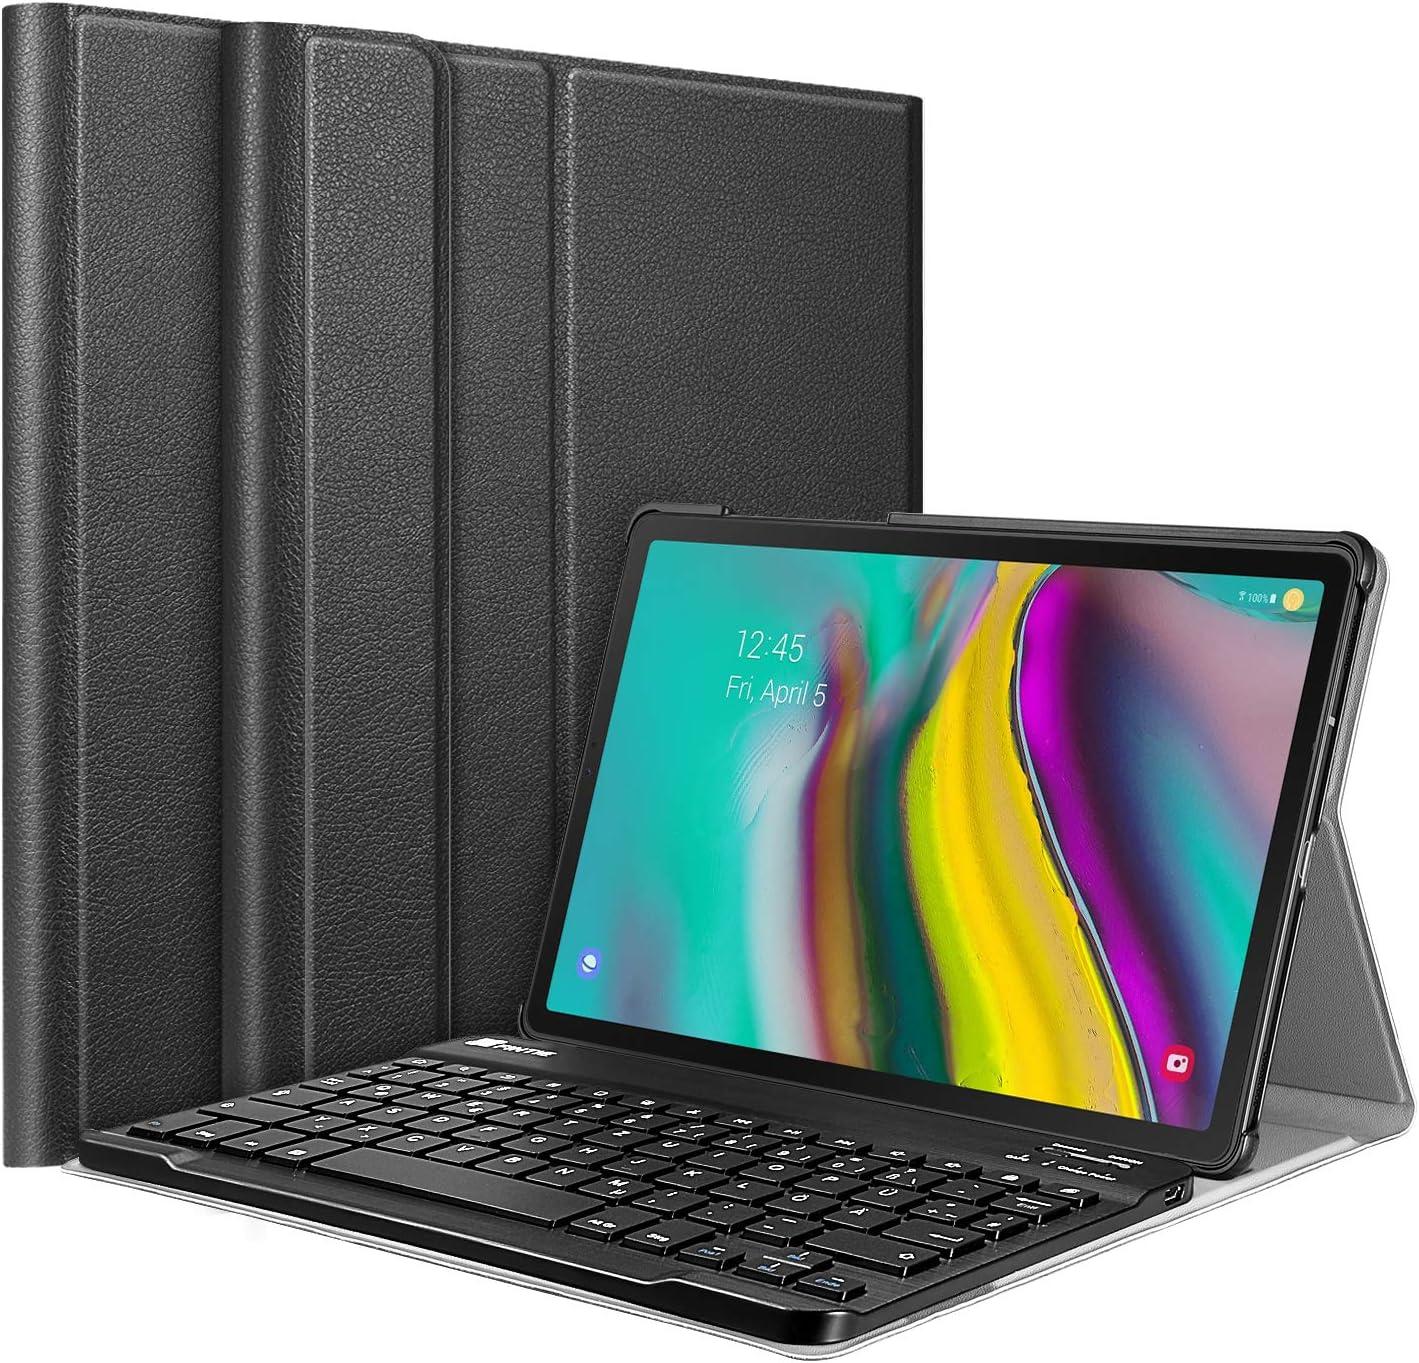 FINTIE Funda protectora ultradelgado y ligero con teclado y teclado inalámbrico alemán desmontable magnético para Samsung Galaxy Tab S5e 10.5 SM-T720 / T725 2019 Tablet PC Negro